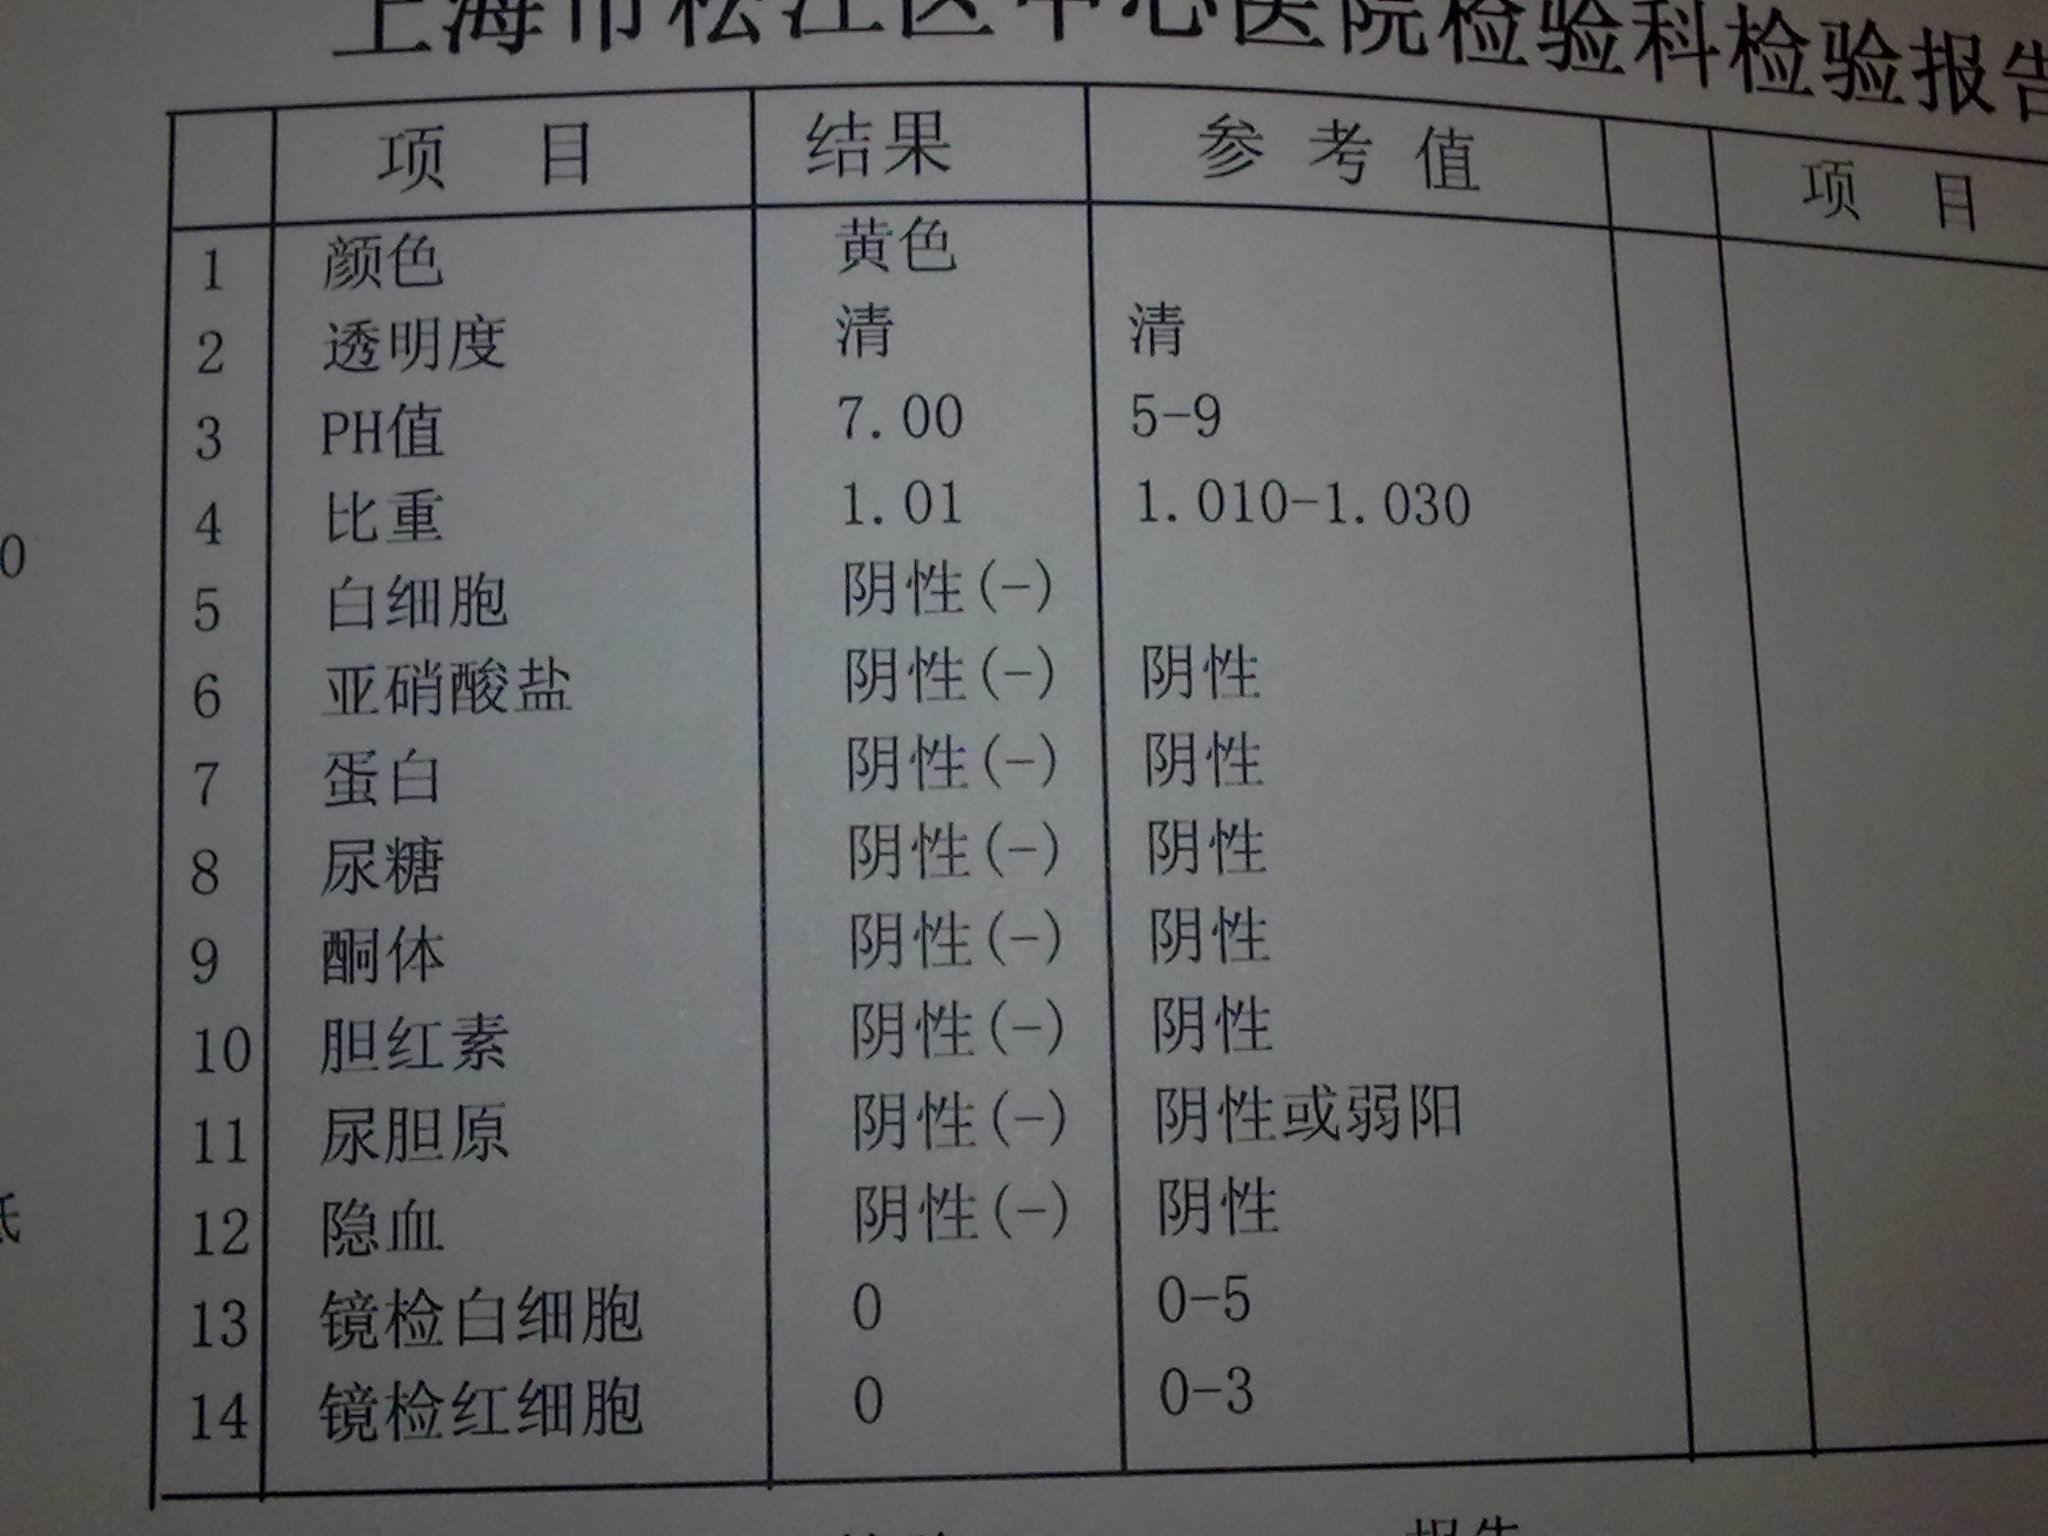 肌酐偏高尿常规正常_尿常规检查的正常值_百度知道